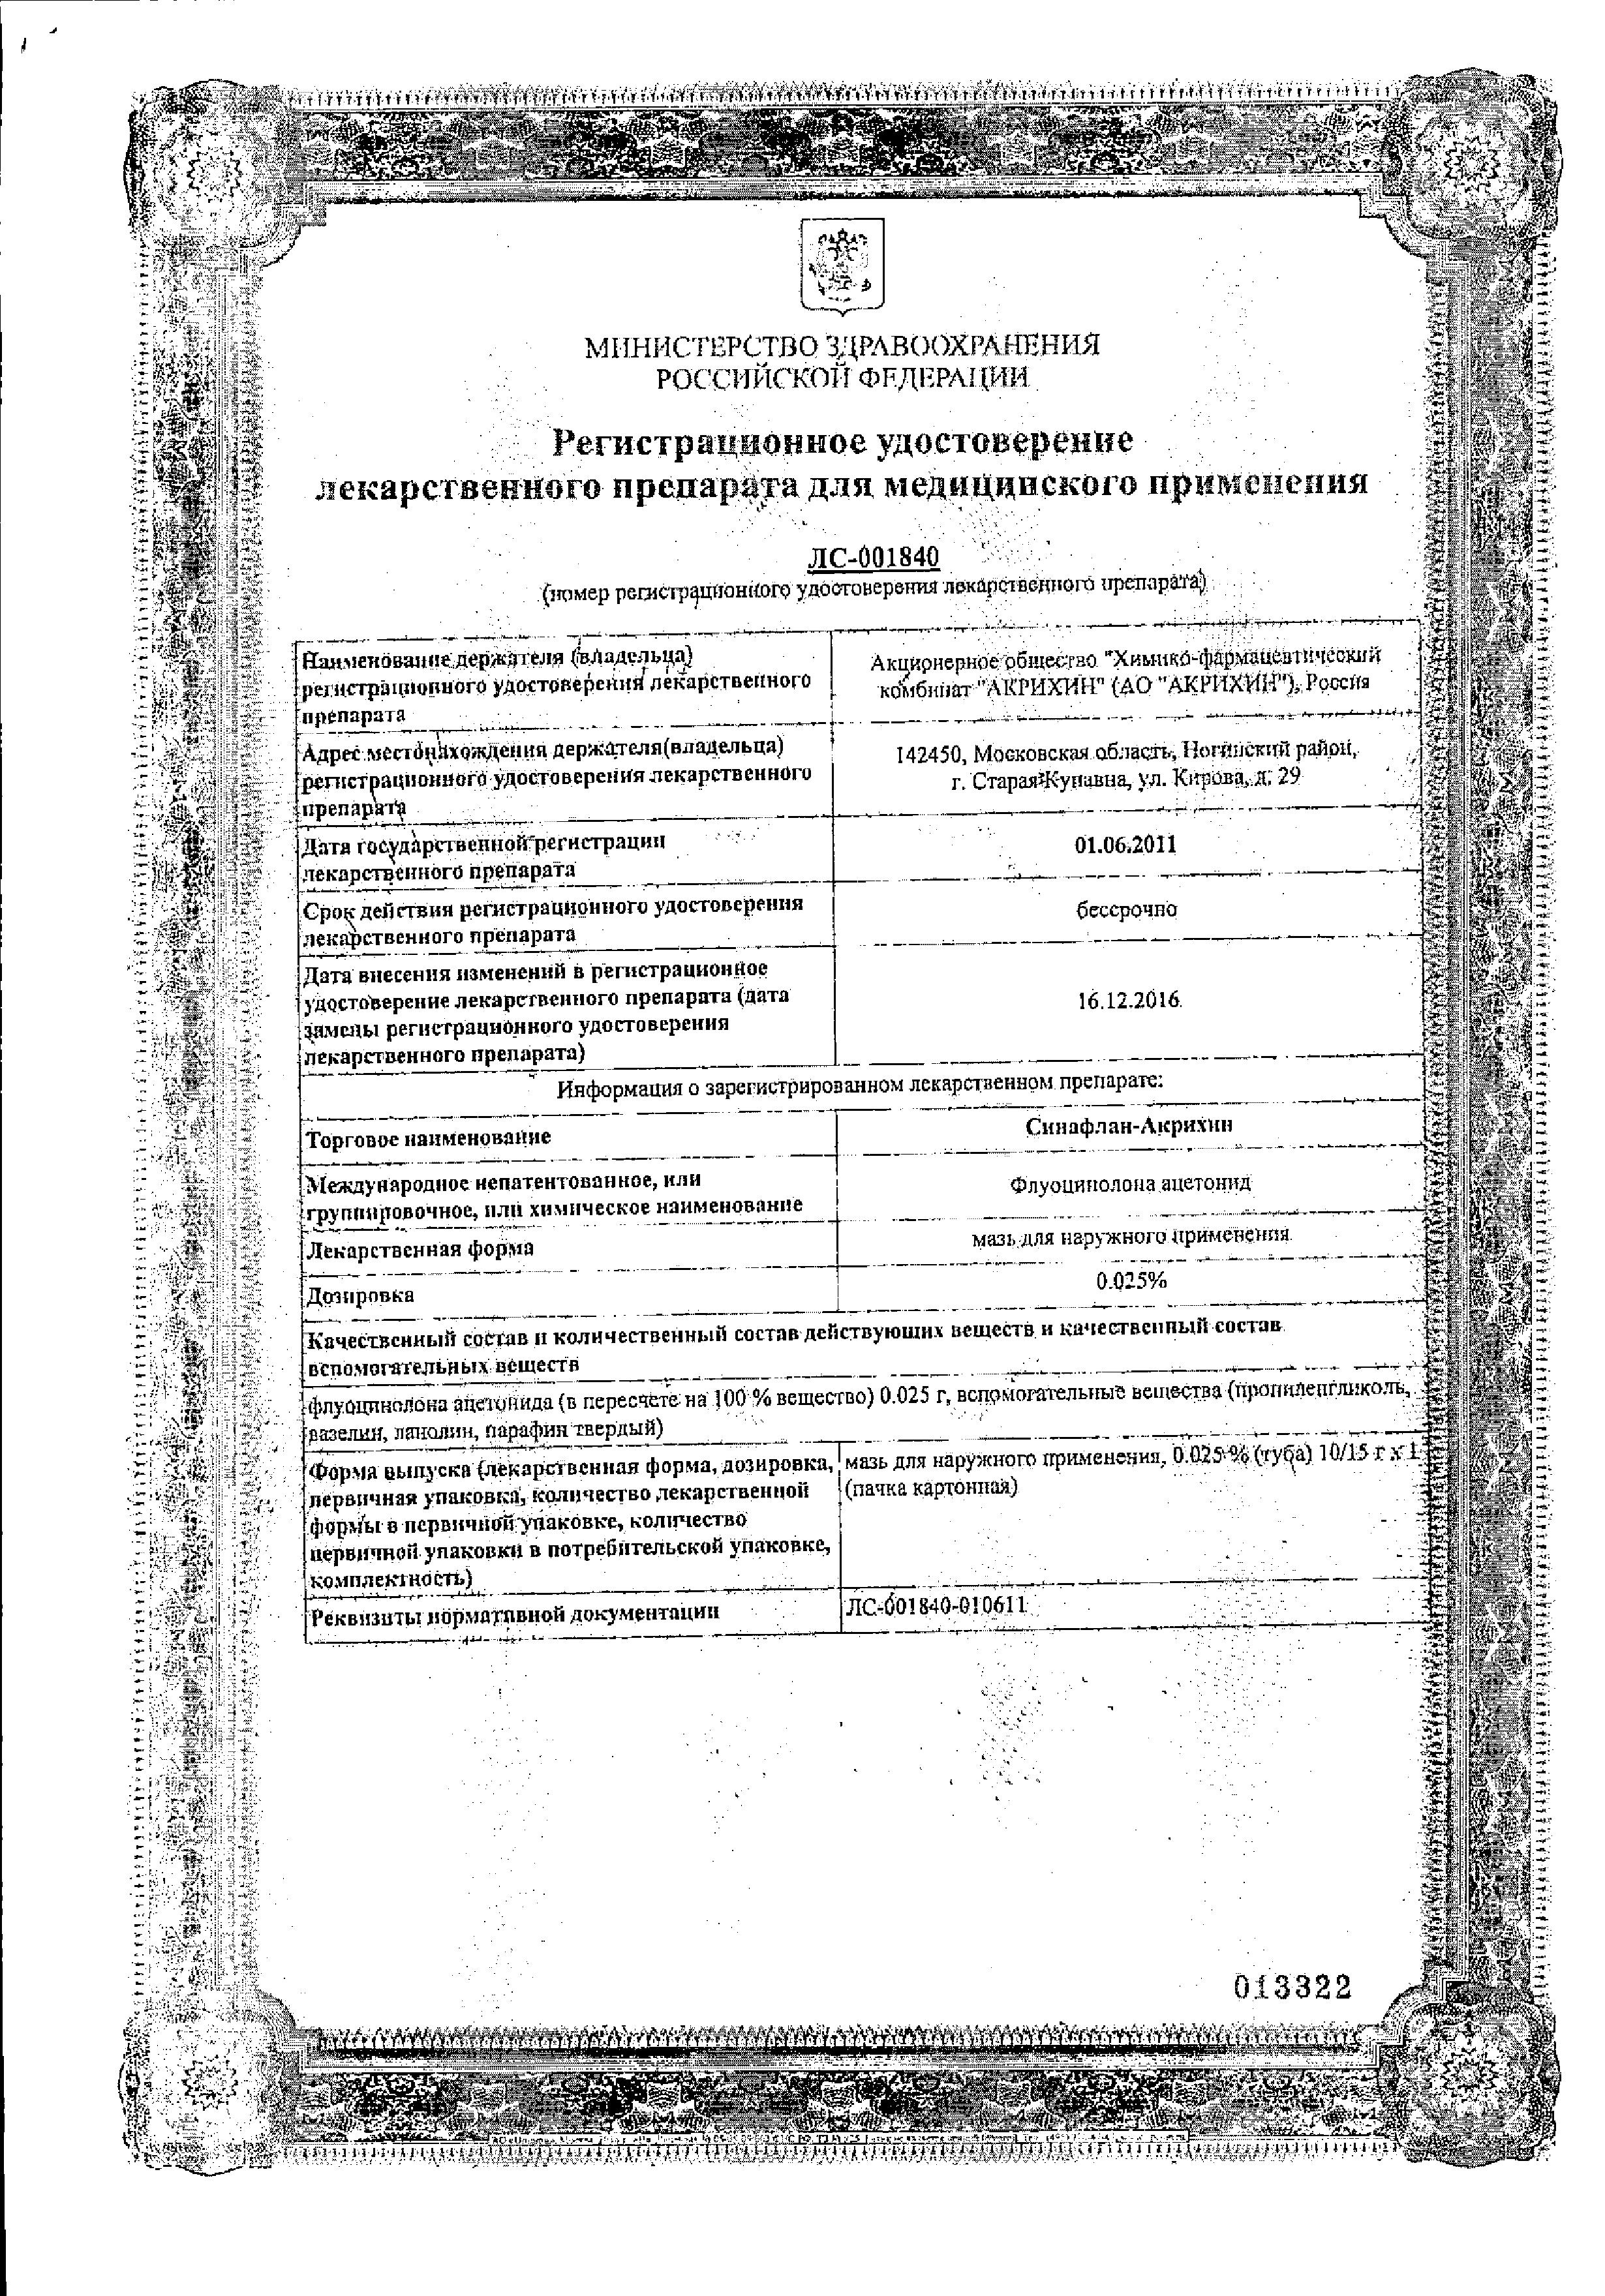 Синафлан-Акрихин сертификат